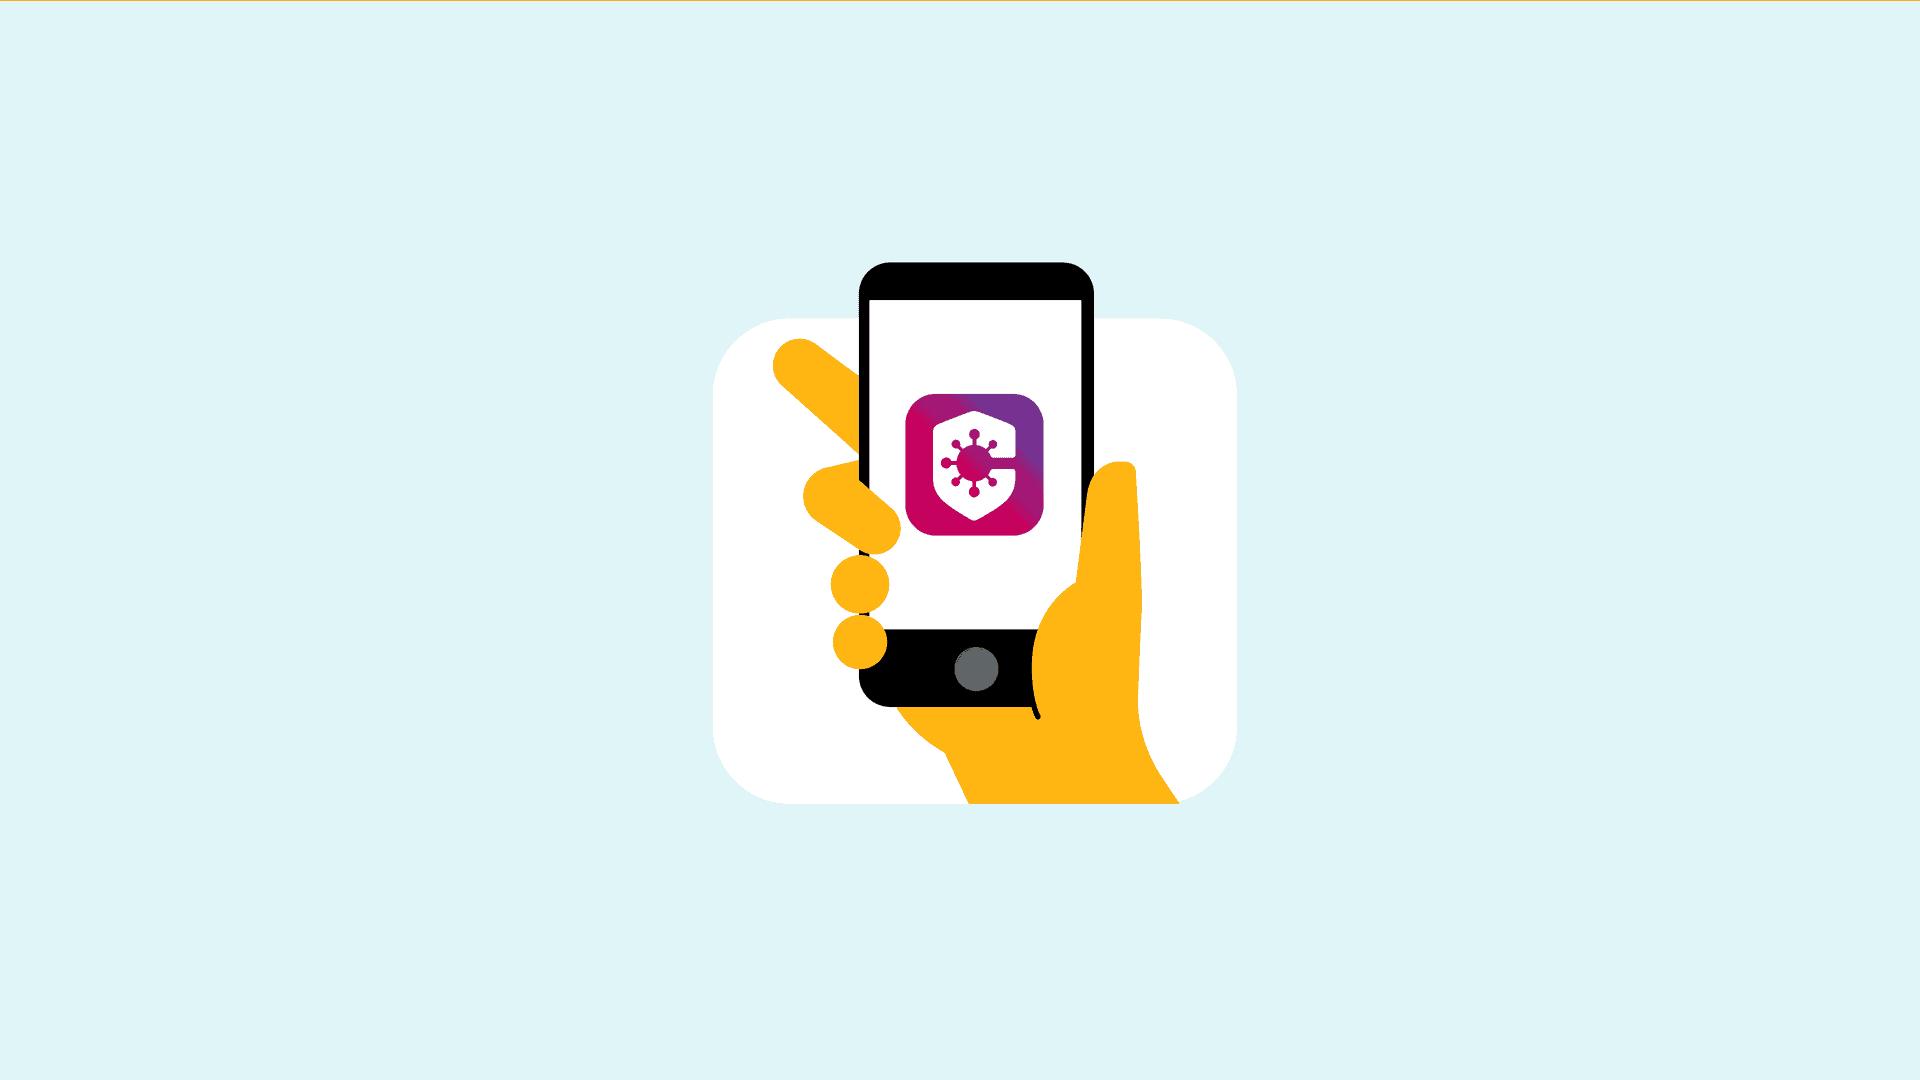 Afbeelding - Telefoon met logo CoronaMelder